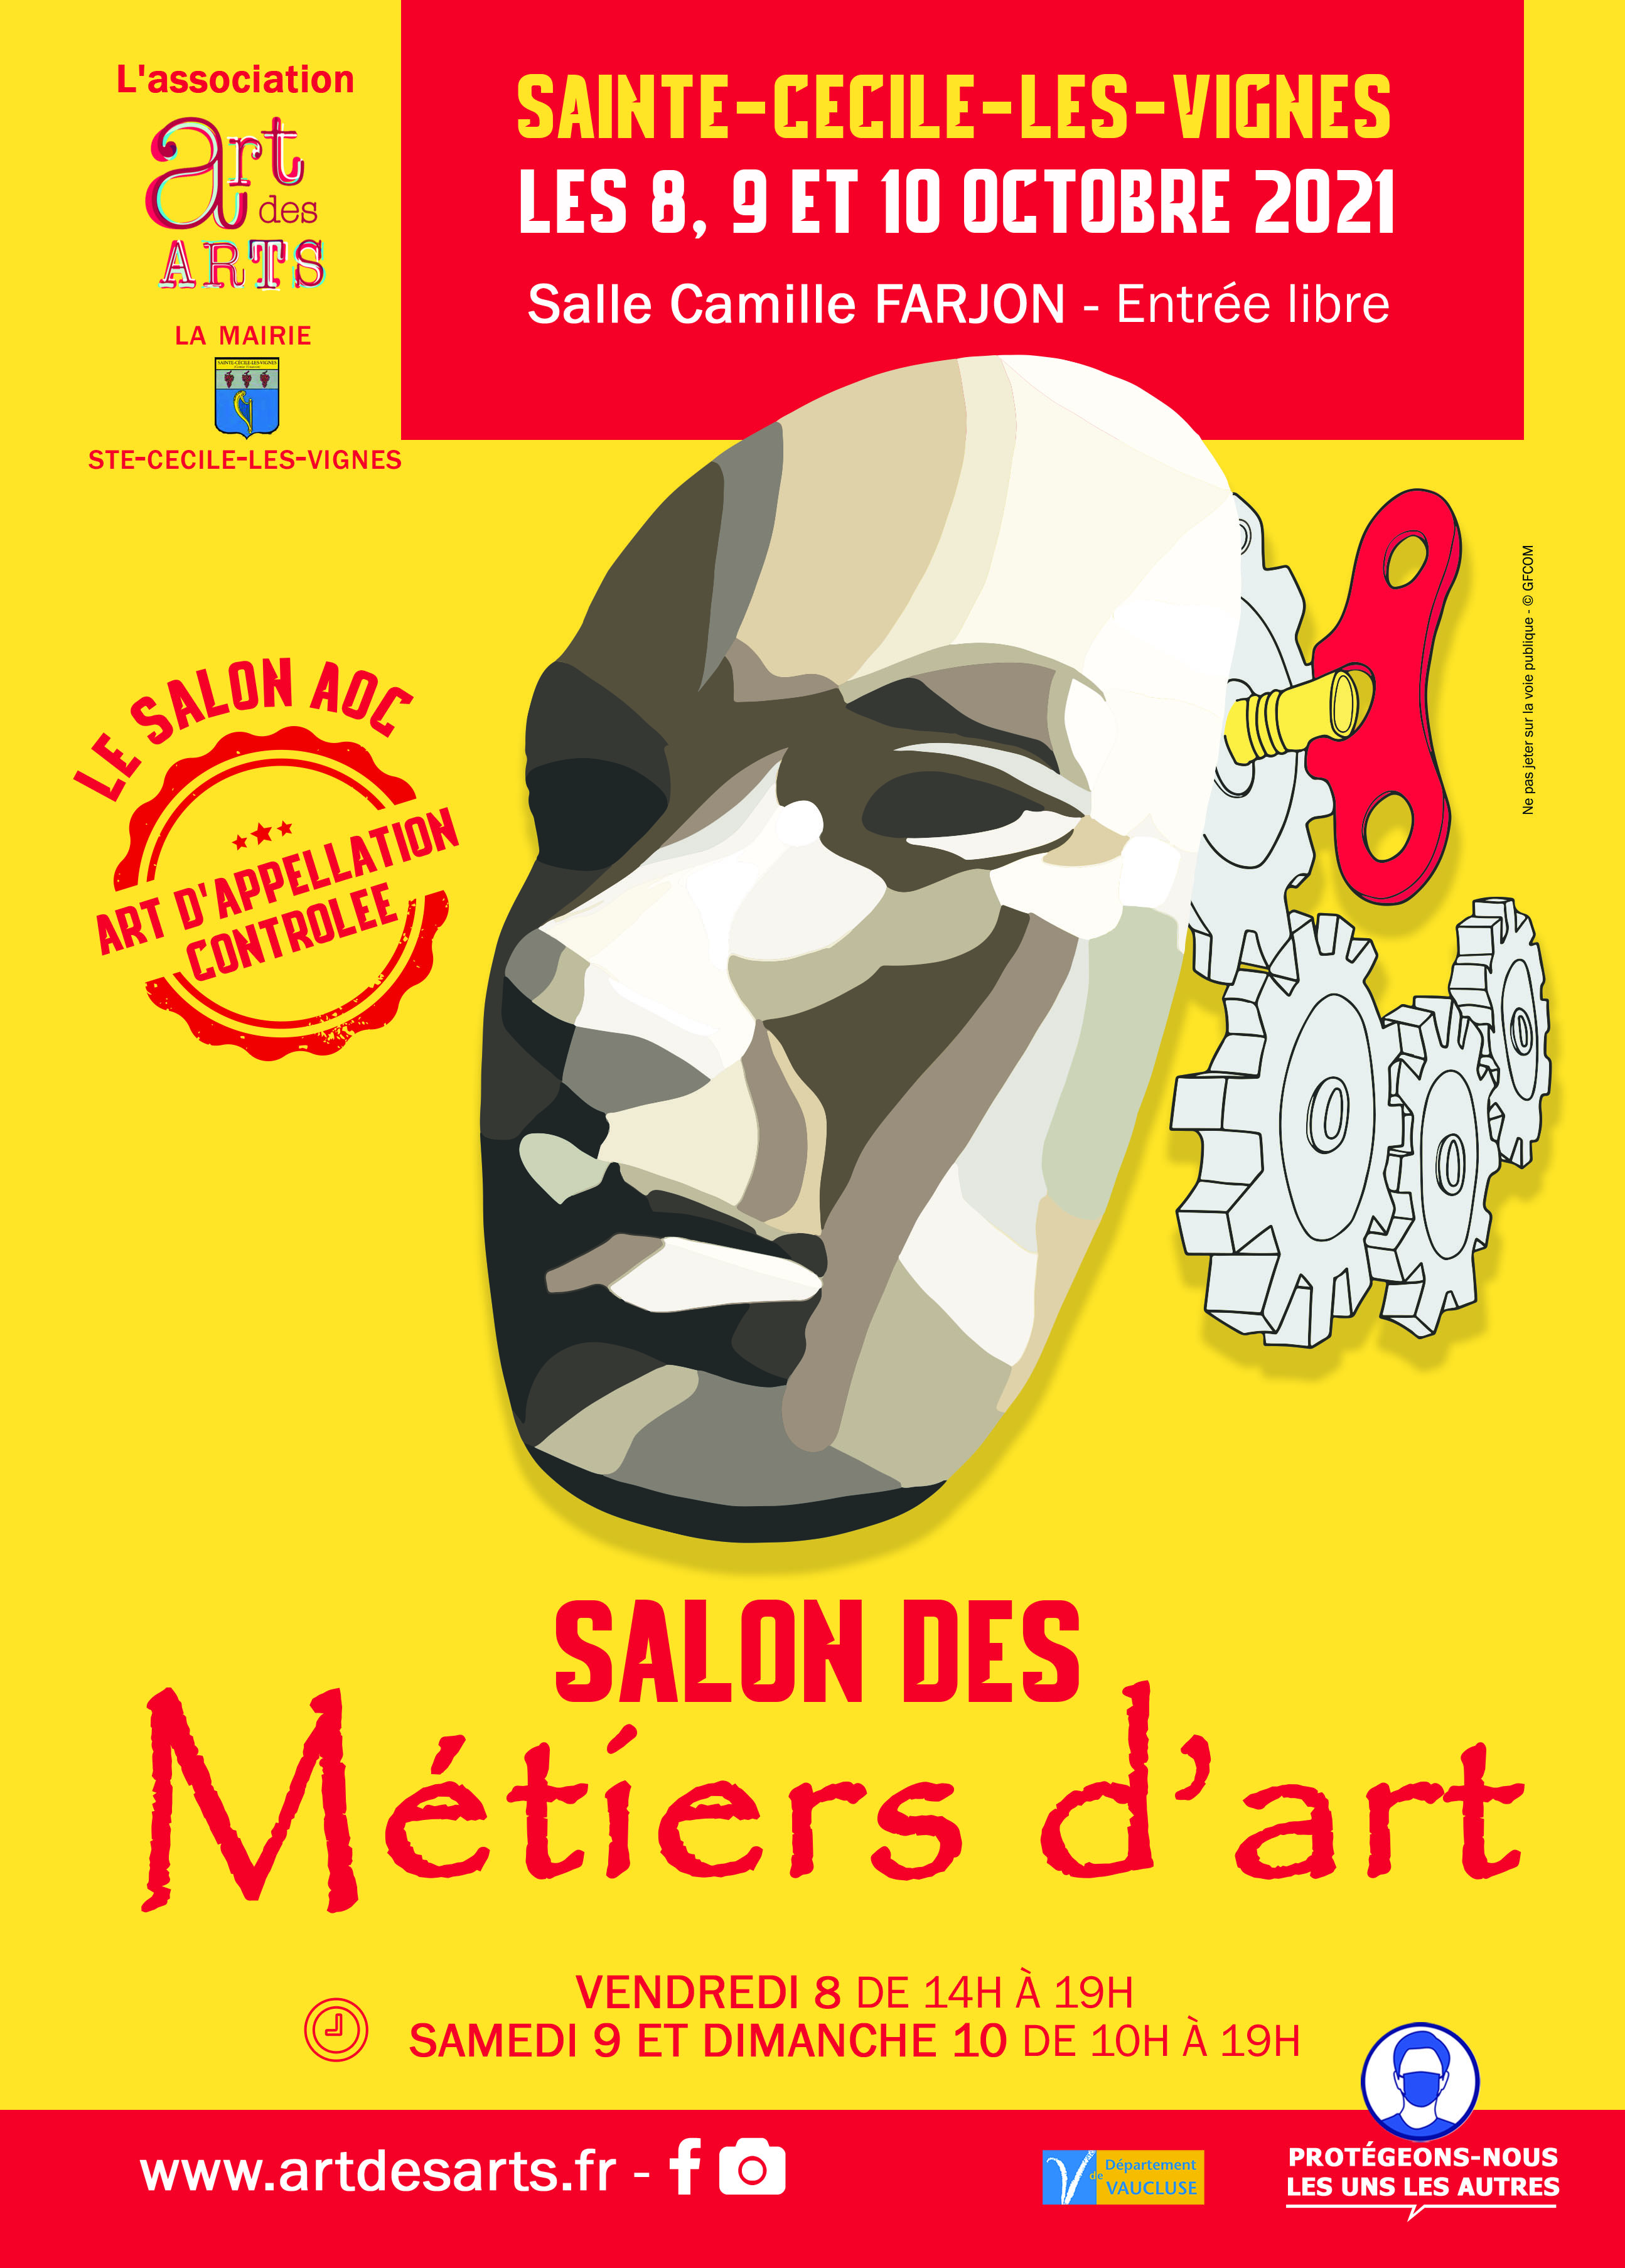 ART DES ARTS 2021 - Salon des Métiers d'Art de Sainte-Cécile-les-Vignes